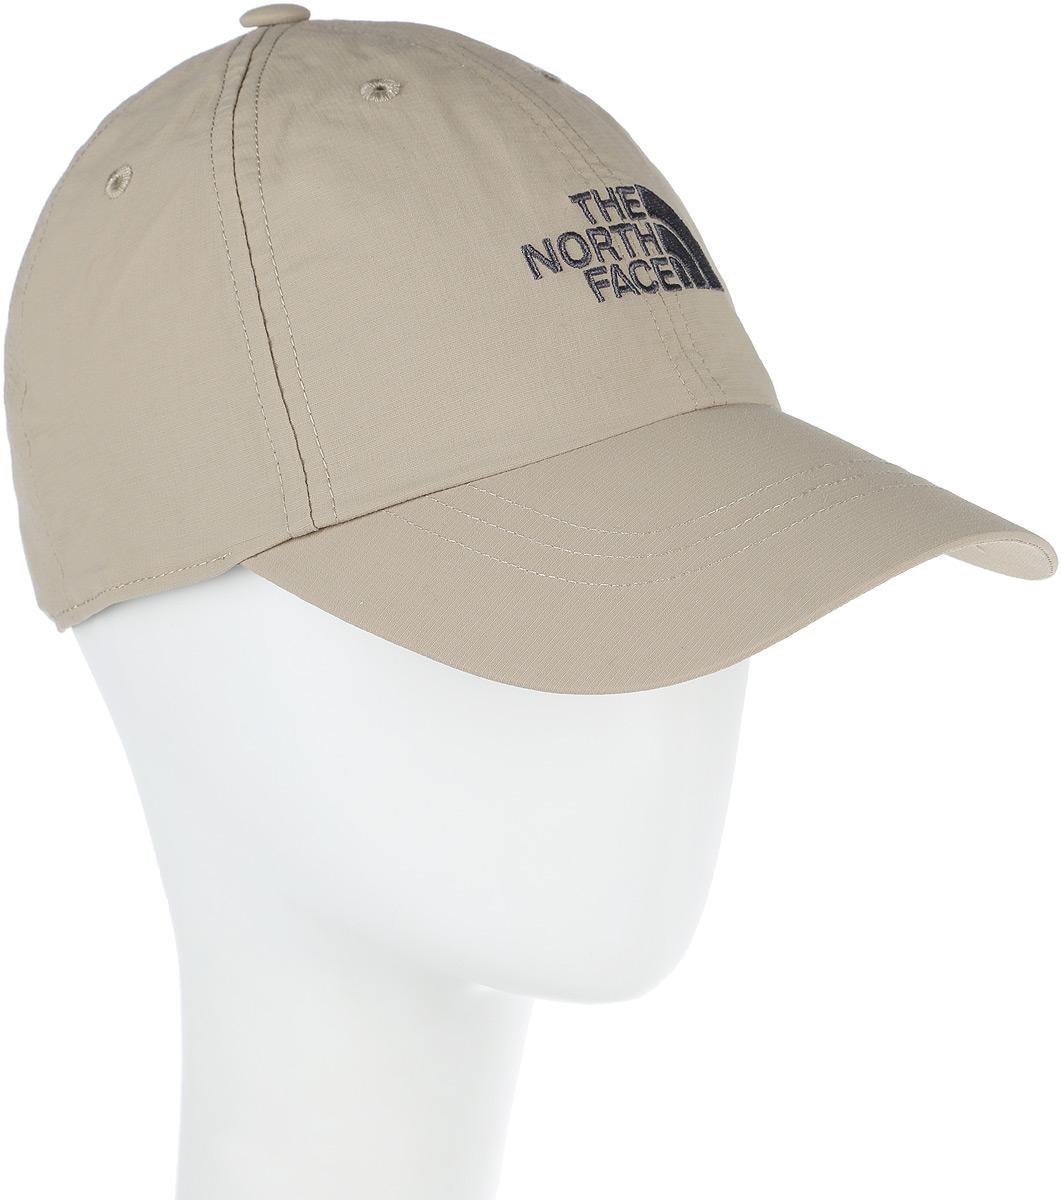 Бейсболка The North Face Horizon Hat, цвет: темно-бежевый. T0CF7W0SS. Размер S/M (56/57)T0CF7W0SSСтильная бейсболка The North Face Horizon Ball идеально подойдет для прогулок, занятия спортом и отдыха. Бейсболка, выполненная из 100% нейлона, надежно защитит вас от солнца и ветра. Модель имеет классическую конструкцию из шести панелей и специальные вентиляционные отверстия. Внутри расположена эластичная полоска. Изделие оформлено вышивкой с логотипом бренда. Объем бейсболки регулируется при помощи хлястика с пряжкой.Horizon Ball Cap - стильная кепка для летних приключений. Эта модель станет отличным аксессуаром и дополнит ваш повседневный образ.